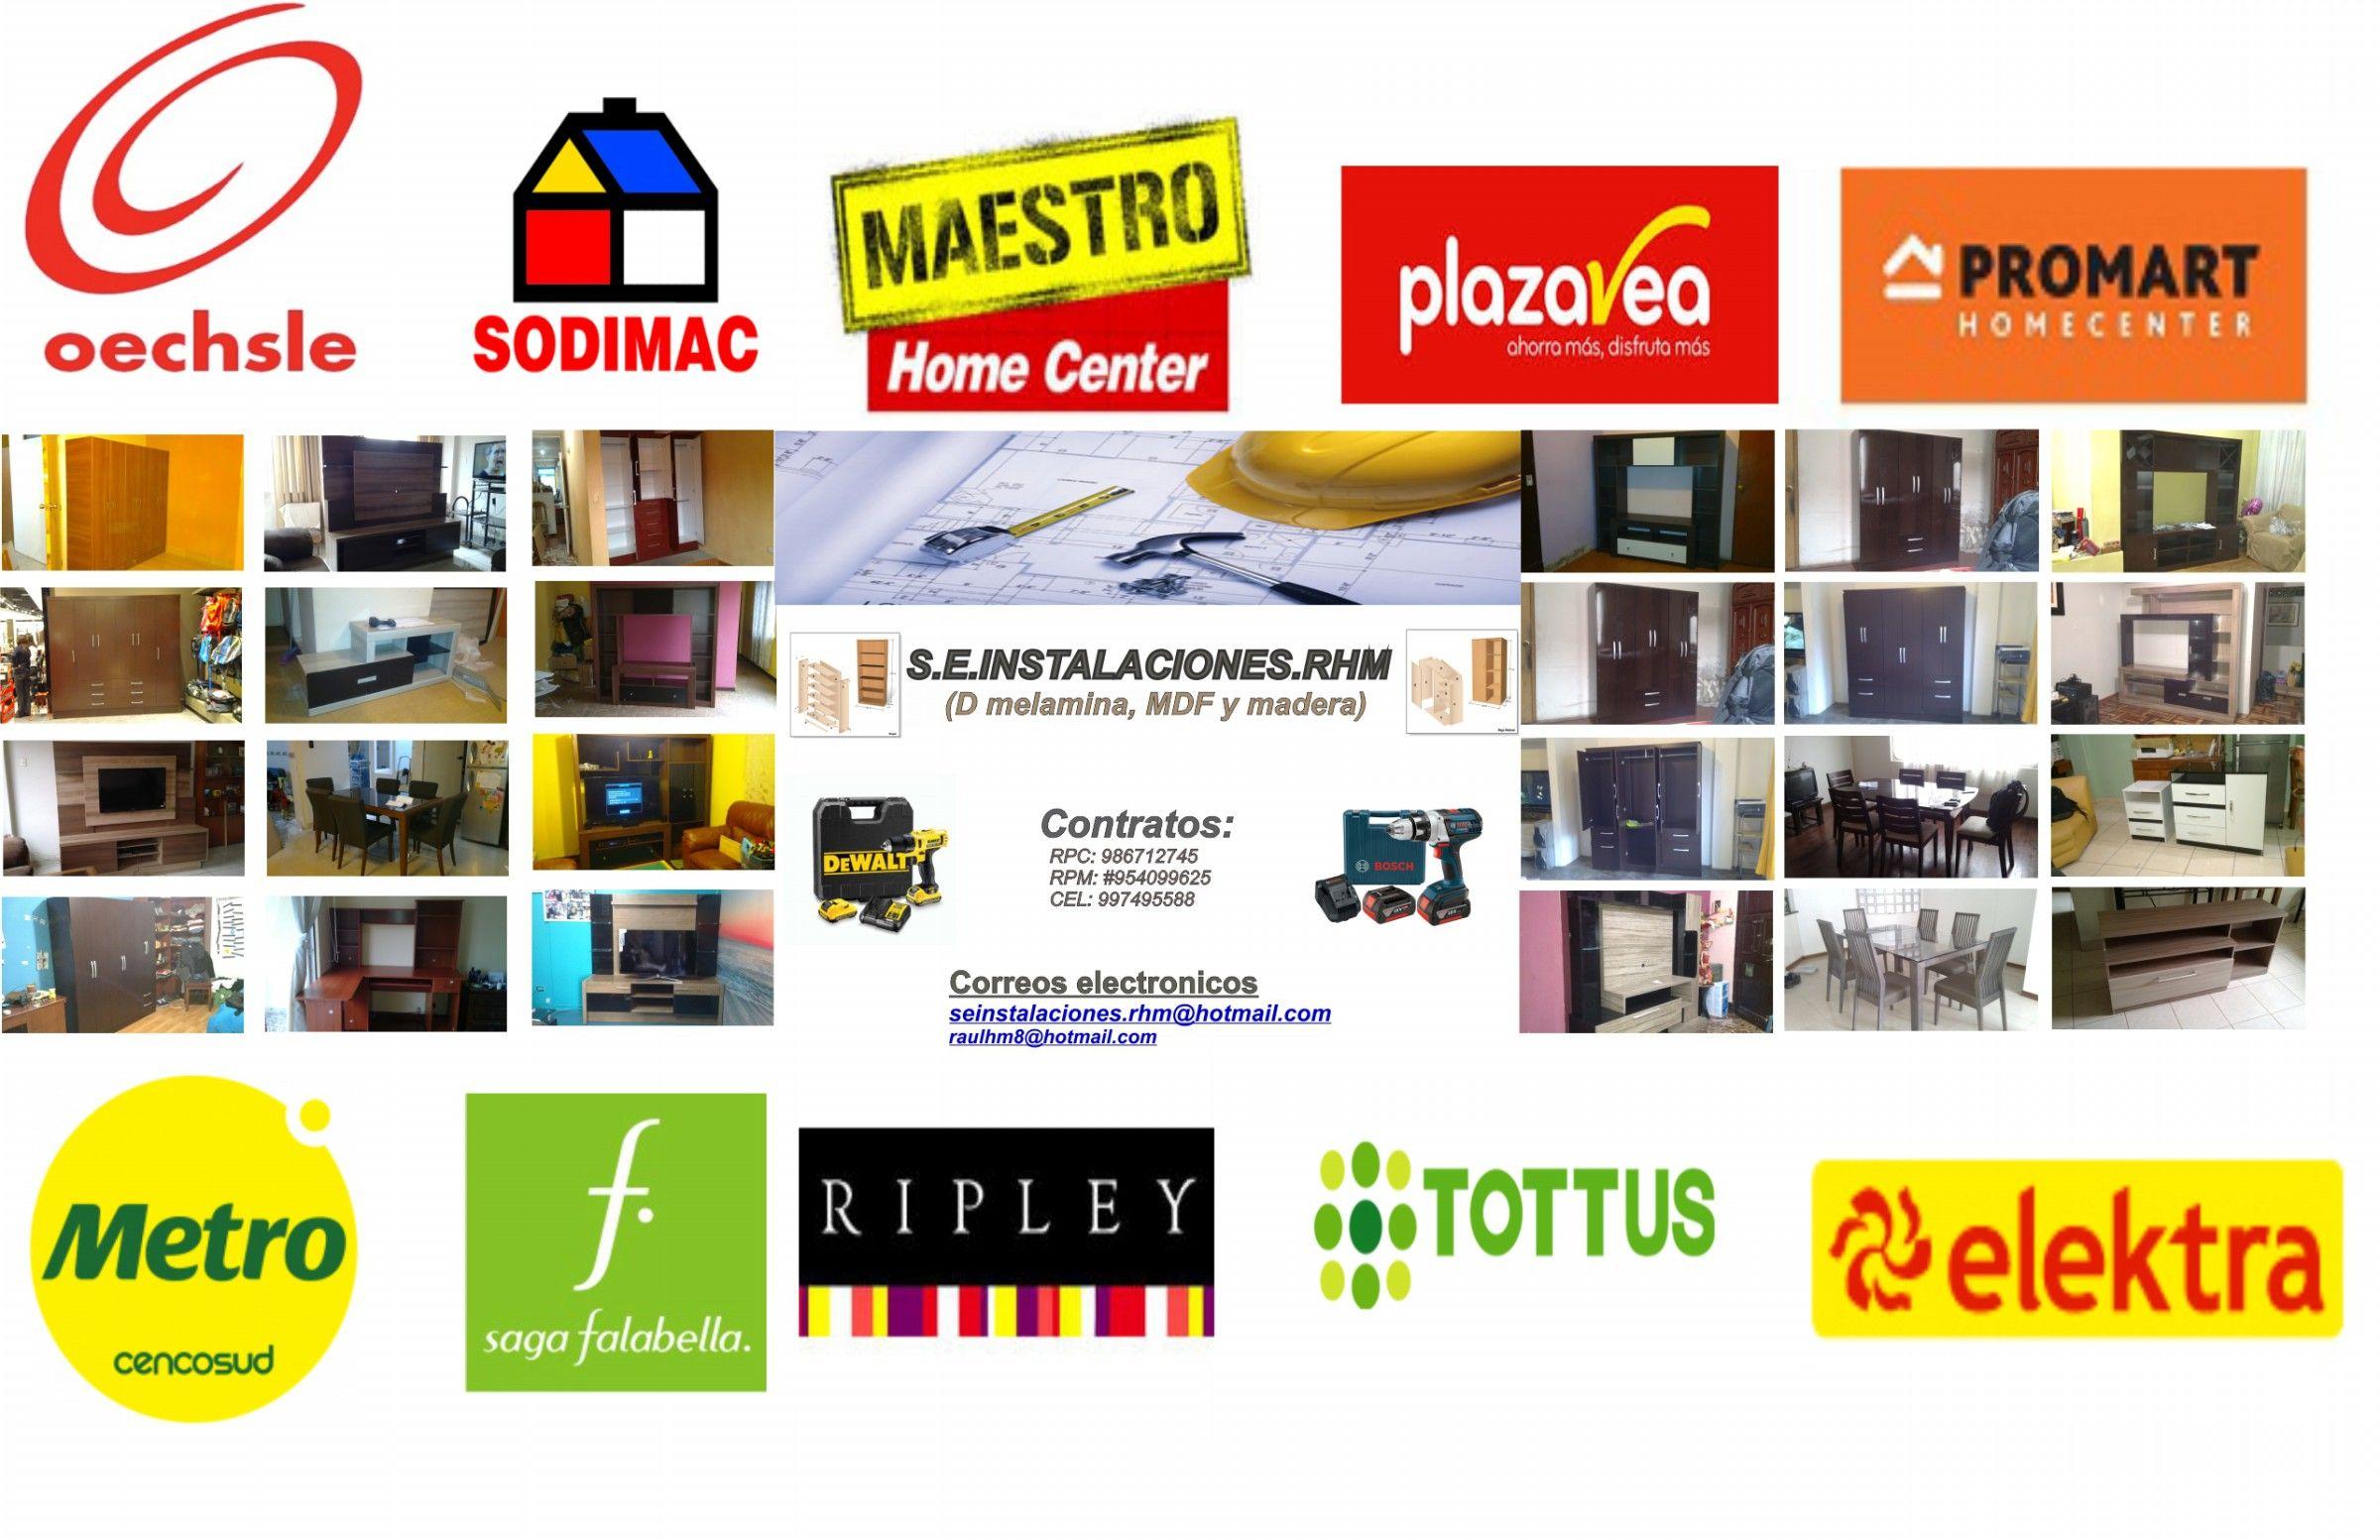 Logotipo De Seinstalaciones Rhm Cotratos Para El Armado De Muebles  # Muebles Oeschle